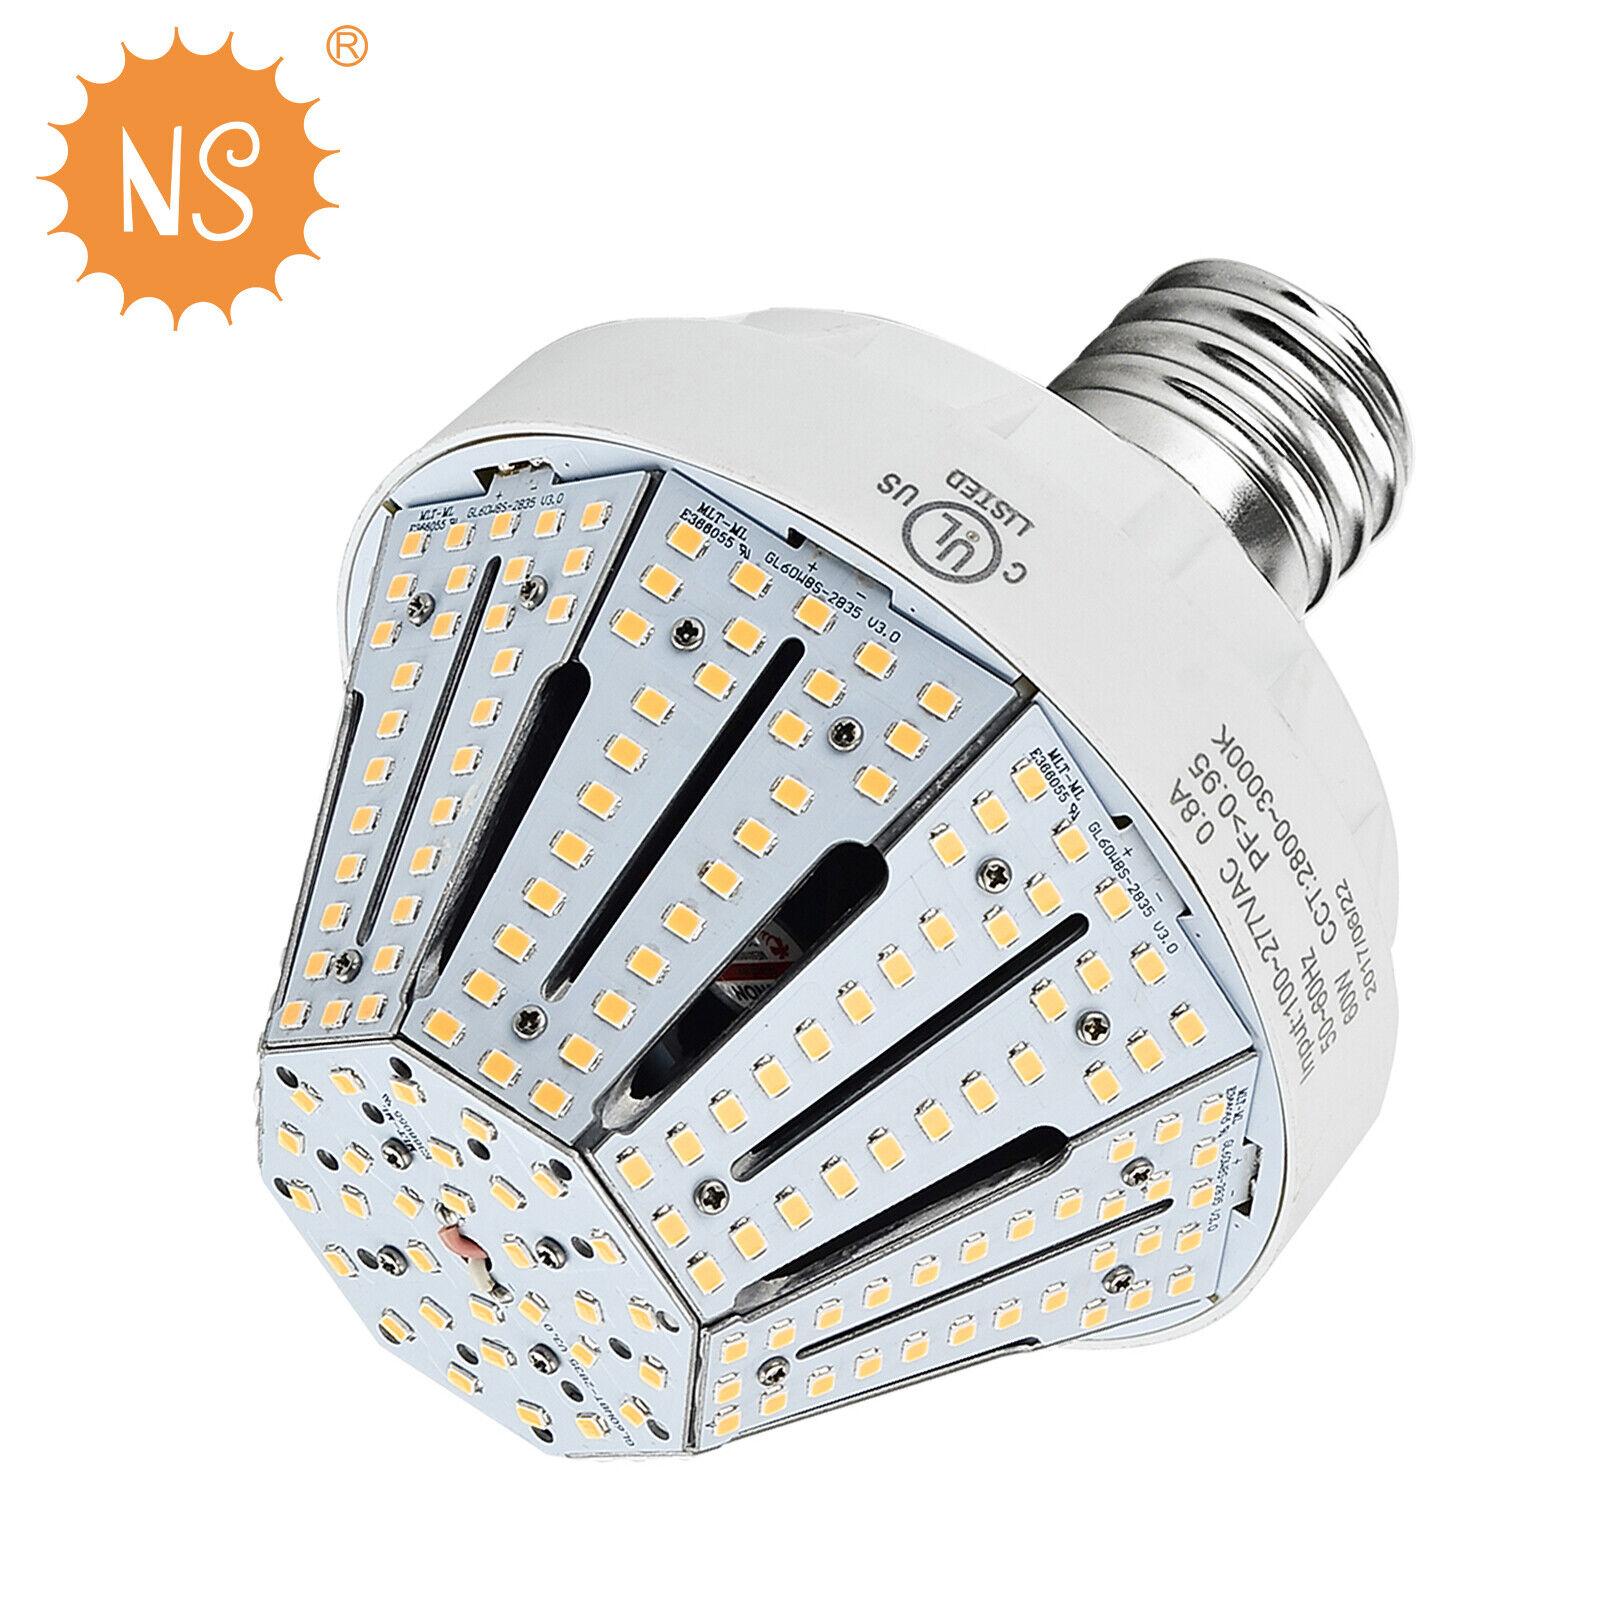 60W LED Corn light bulb street area shoebox parking lot light E39 mogul 8100Lm